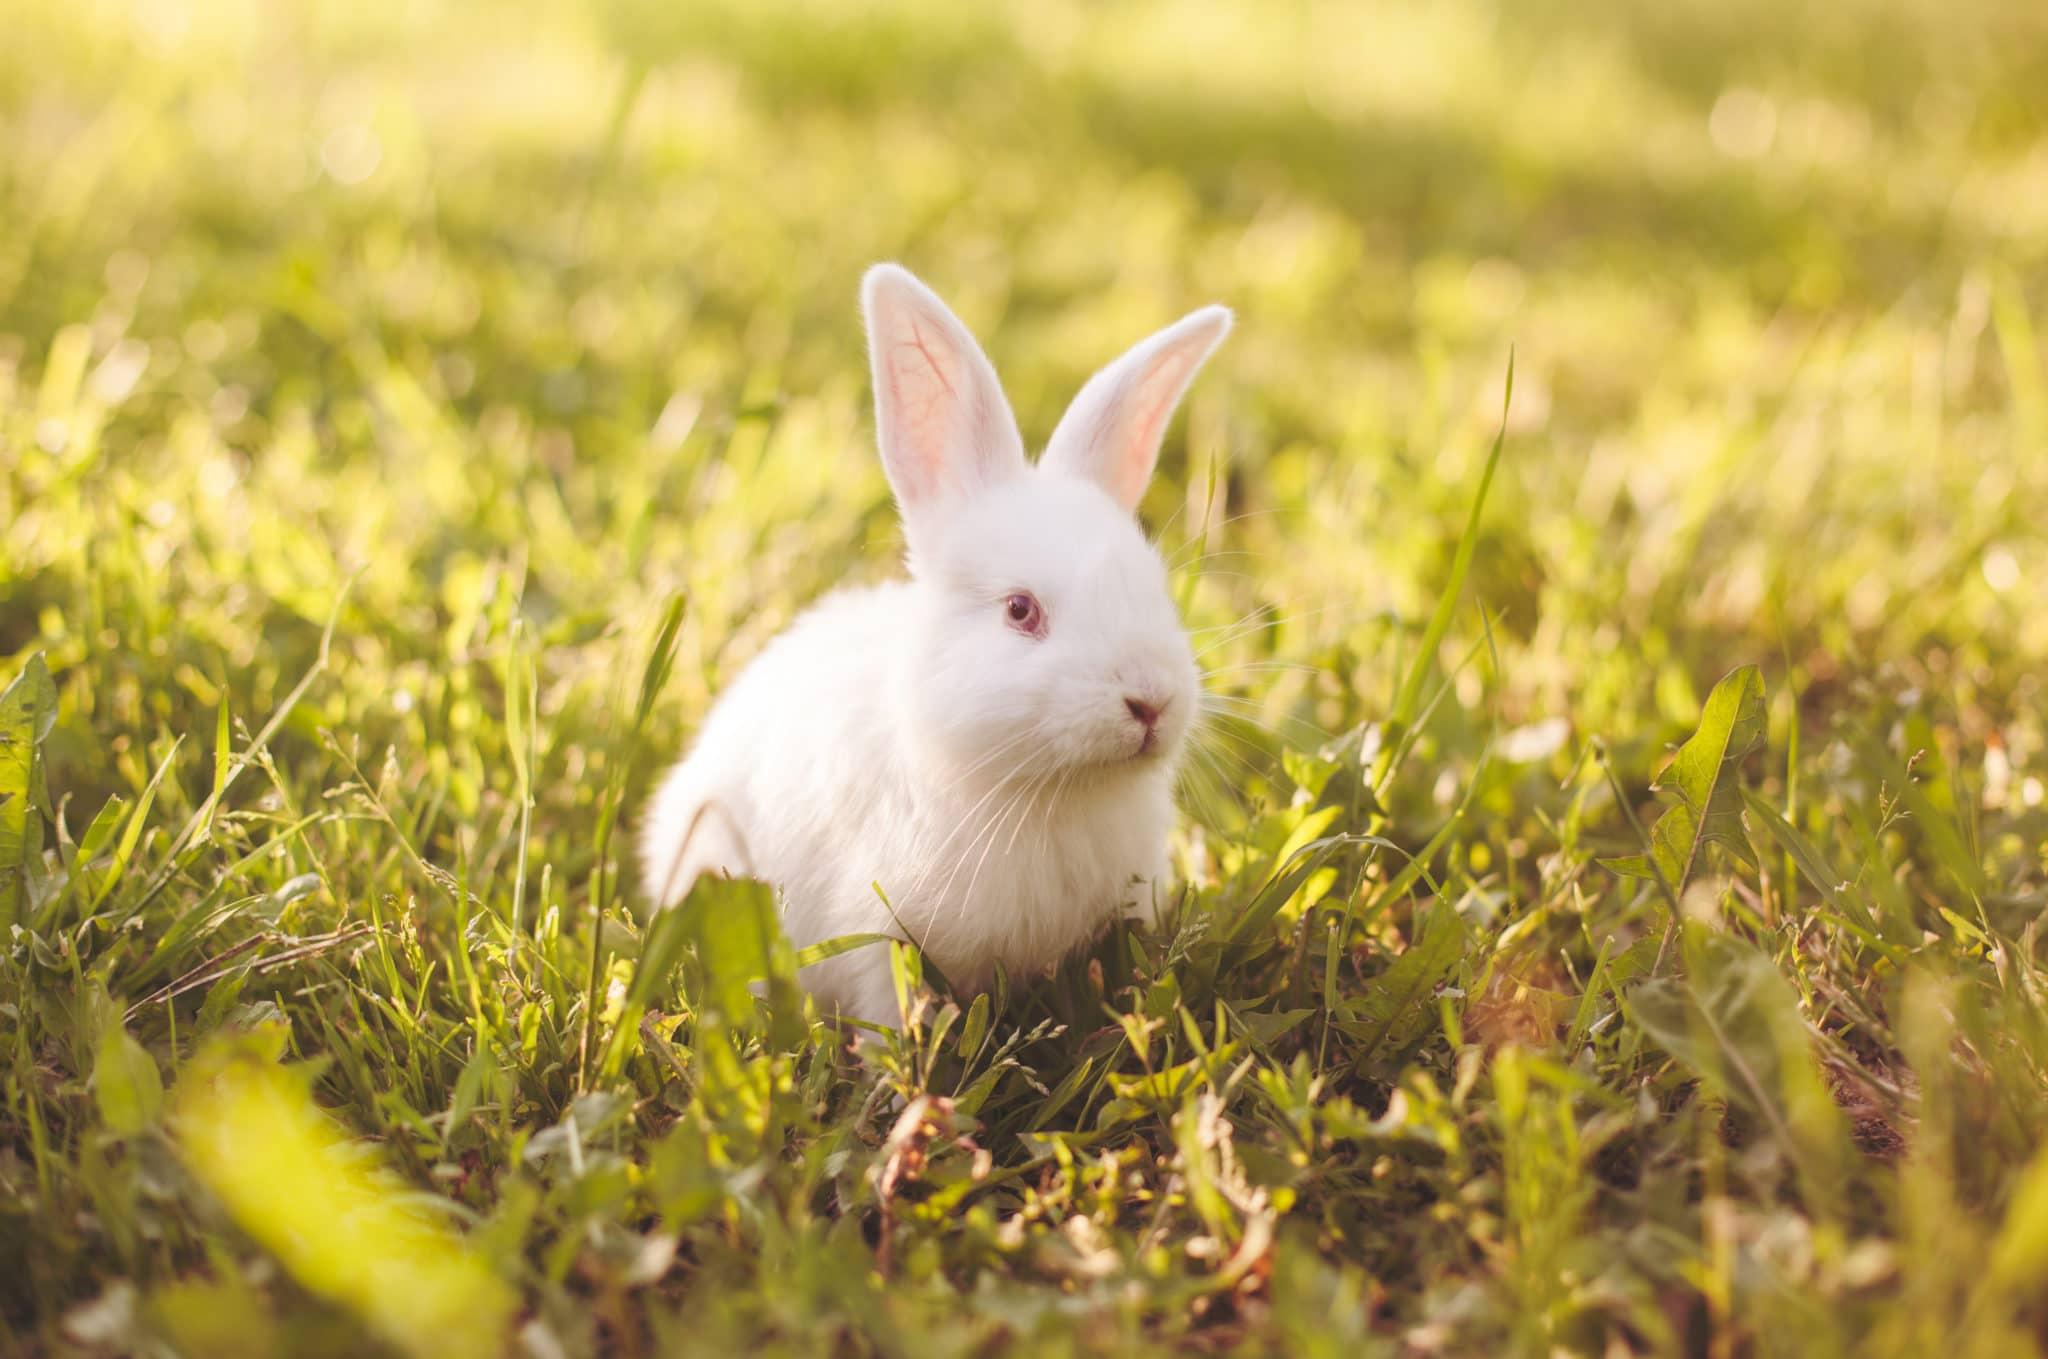 Fluffy White Baby Bunny